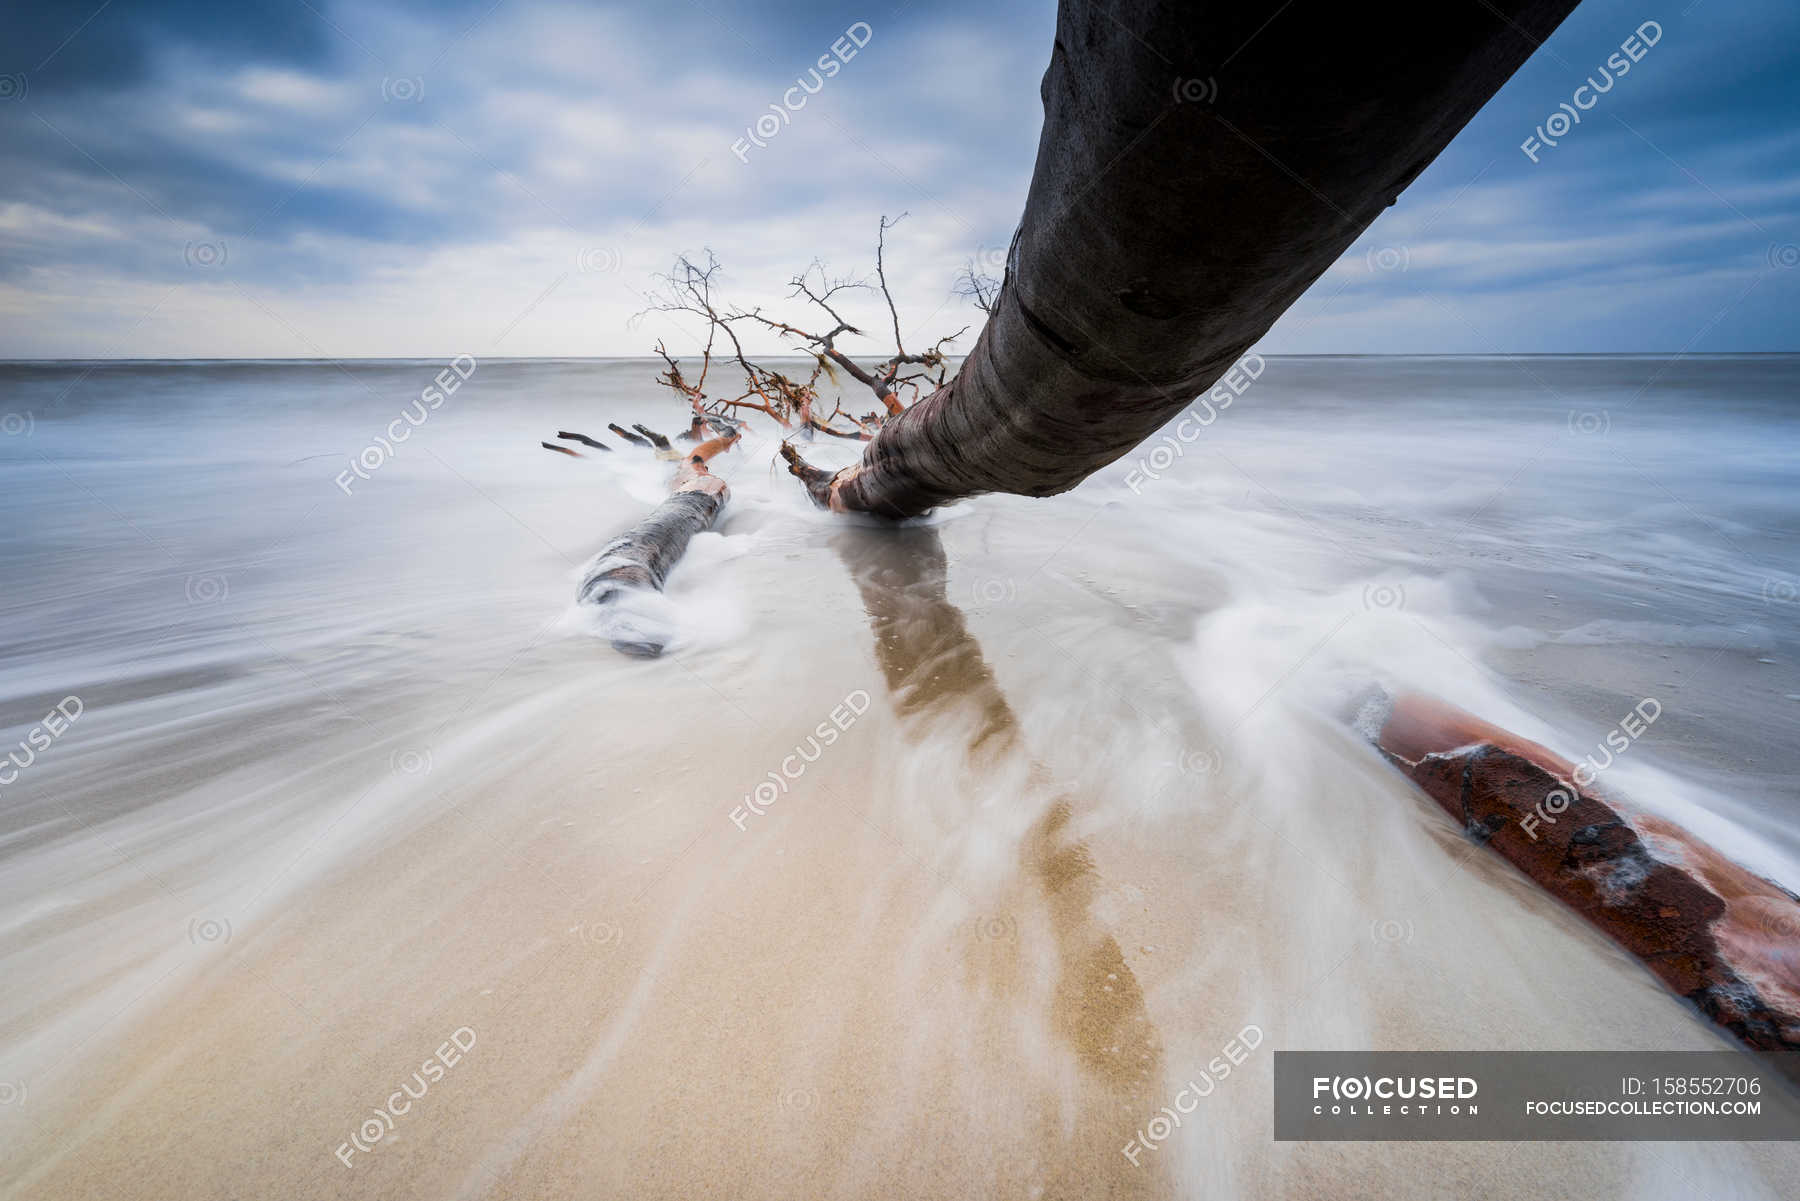 Tree trunk on sandy seashore — Stock Photo | #158552706